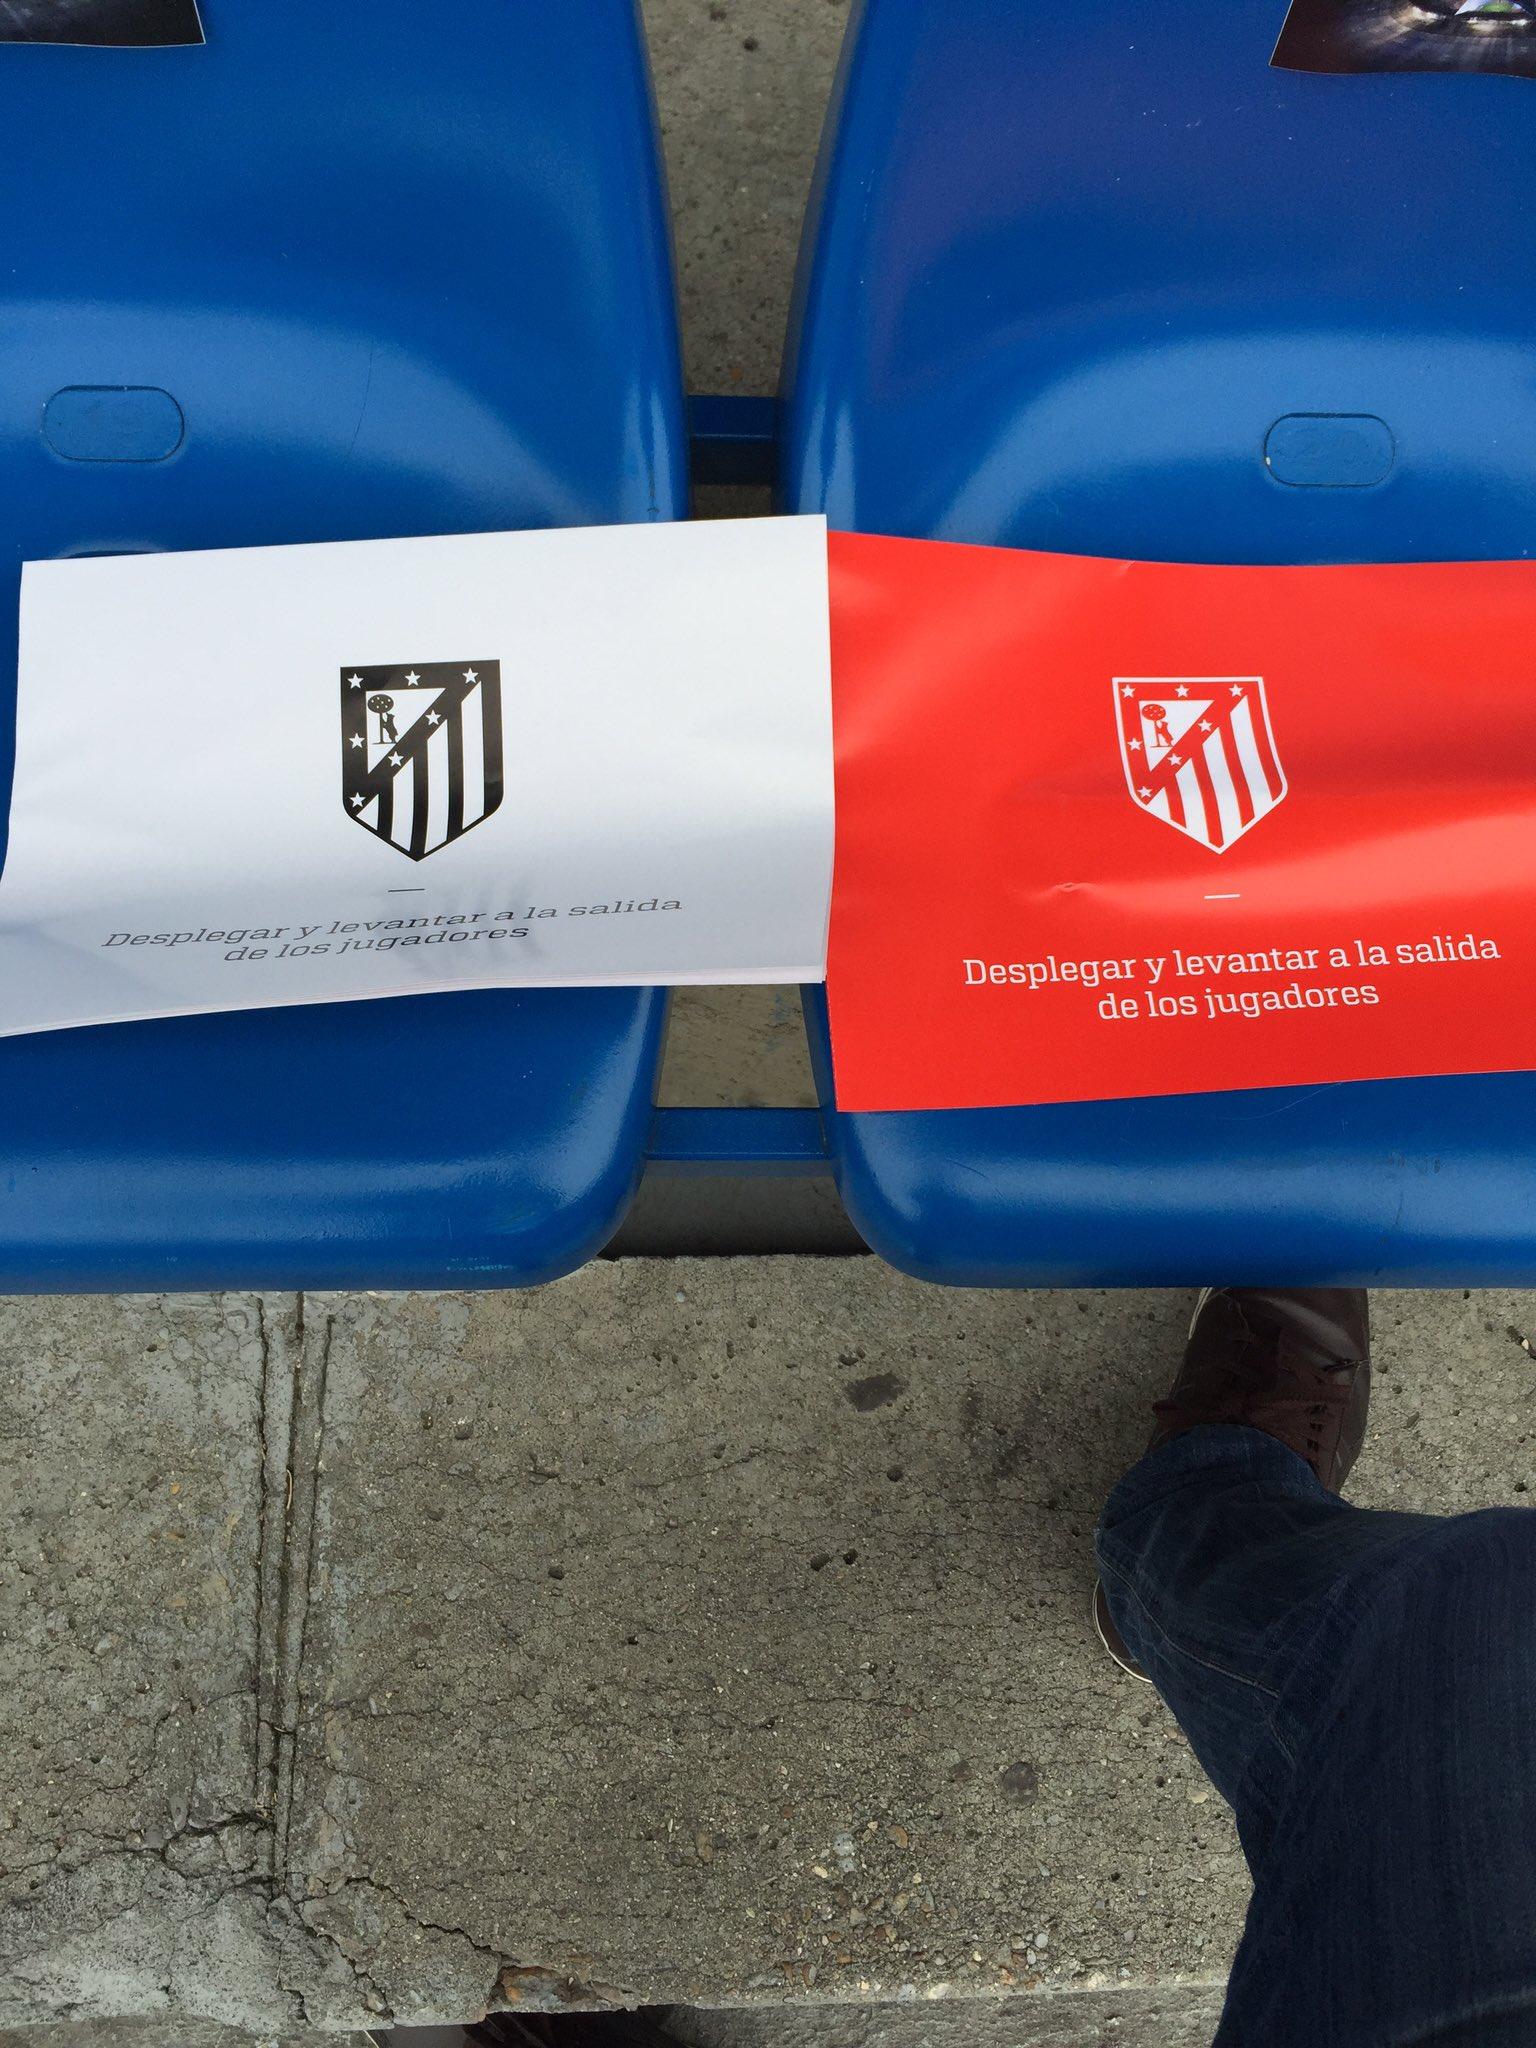 Te Amo. Яркие трибуны Висенте Кальдерон перед матчем Атлетико - Бавария - изображение 3